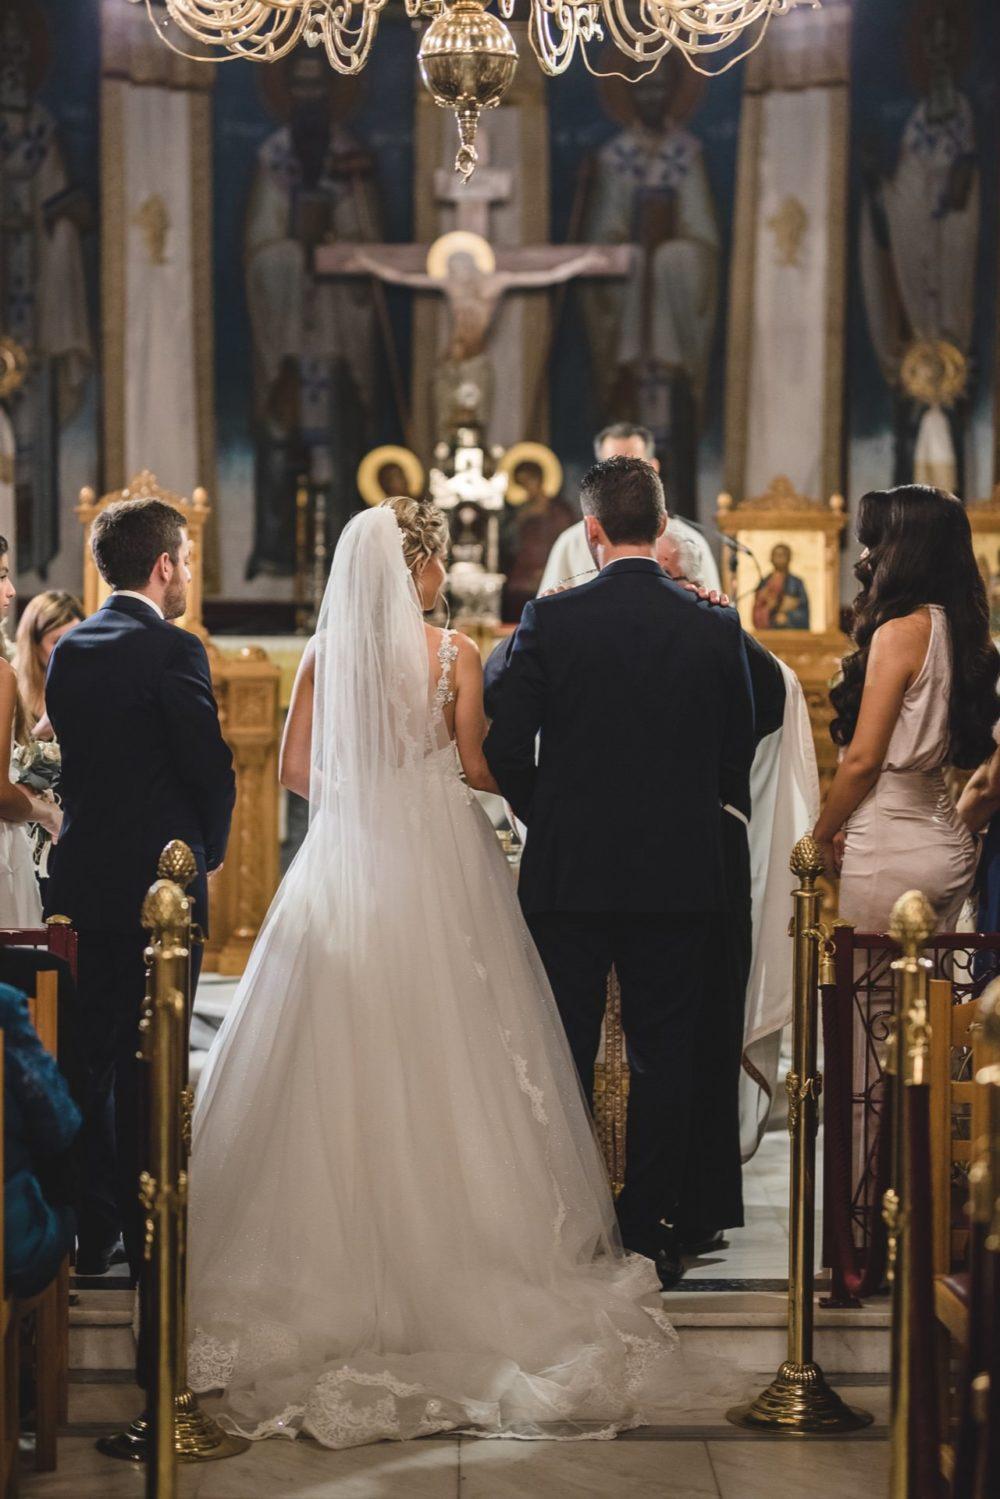 Fotografisi Gamou Wedding Gamos Fotografos Ilias & Dimitra075